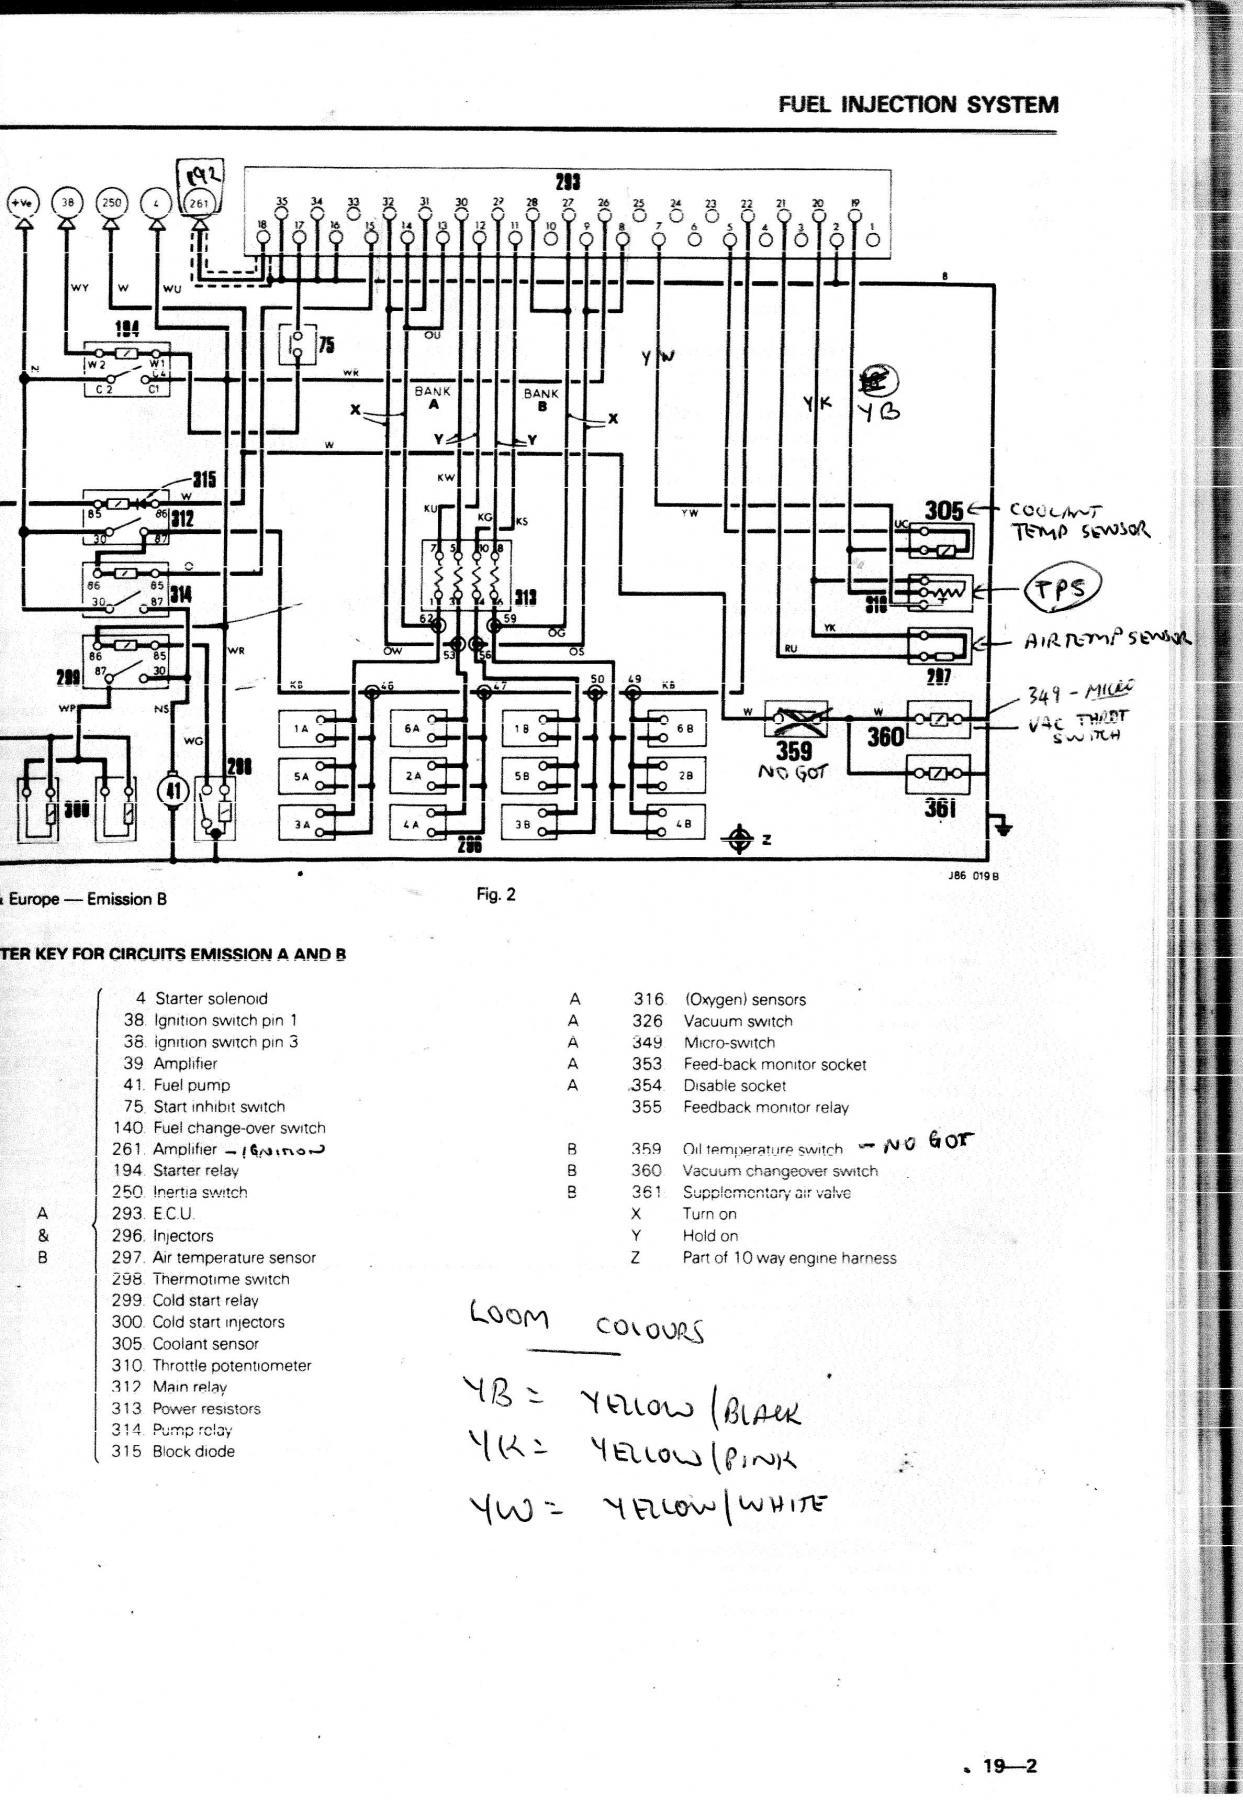 1618 1986 Jaguar Xj6 Wiring Diagram | Wiring Resources Jaguar Xj Engine Diagram on jaguar s-type v6 engine diagram, bmw m3 engine diagram, jaguar xke engine diagram, porsche carrera engine diagram, volvo 760 engine diagram, jeep grand wagoneer engine diagram, mitsubishi 3000 engine diagram, mazda mx3 engine diagram, jaguar x type engine diagram, chevy corsica engine diagram, jaguar xf engine diagram, isuzu ascender engine diagram, bmw z4 engine diagram, saab 99 engine diagram, fiat 850 engine diagram, infiniti m45 engine diagram, porsche cayenne engine diagram, ford cortina engine diagram, ford courier engine diagram, porsche 356 engine diagram,